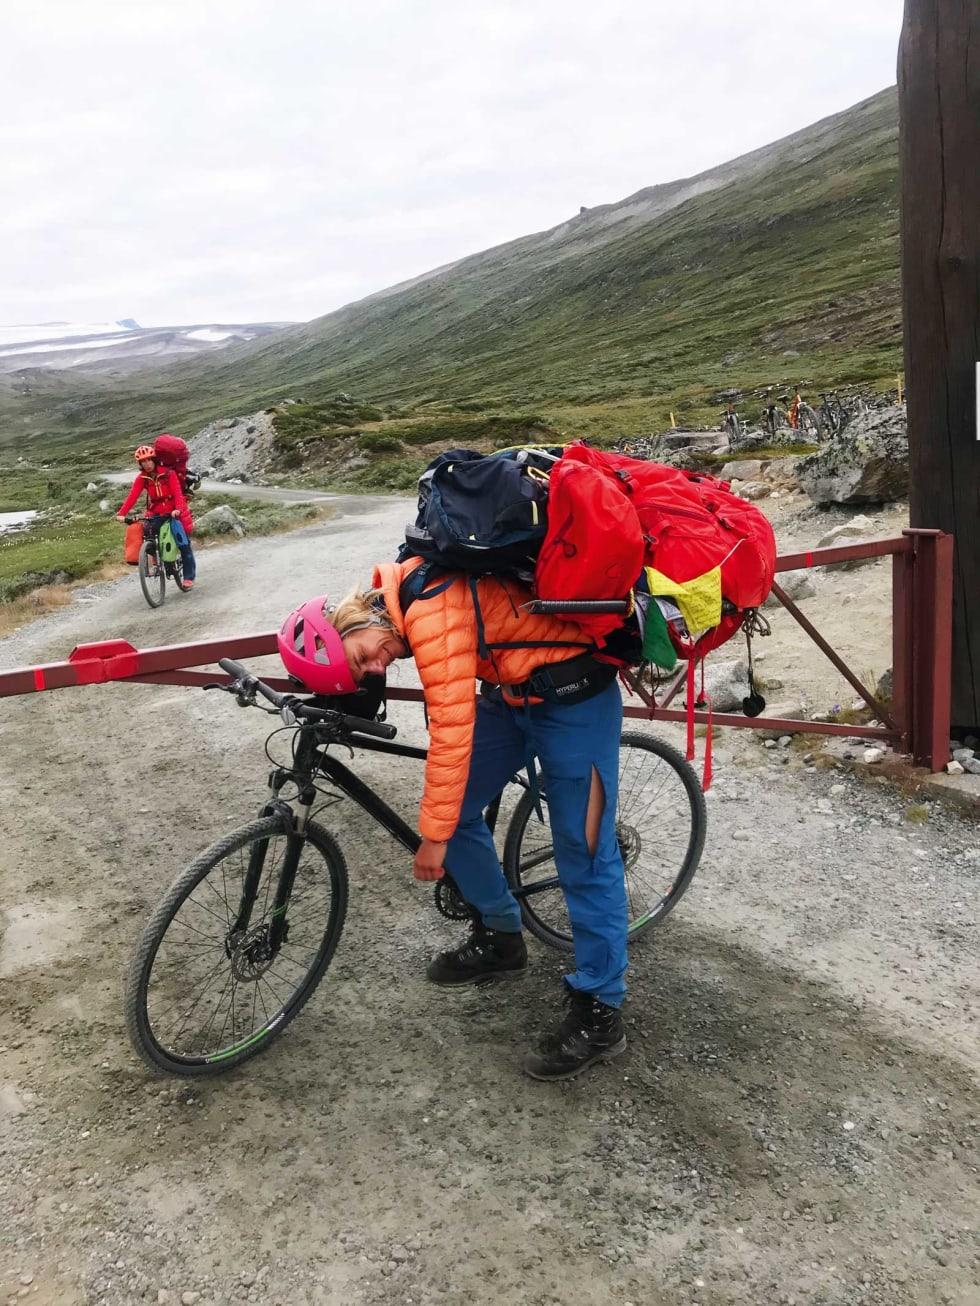 Logistikk og utstyr: Artikkelforfatter Elisa kollapser foran sykkelen etter 14 timers herlig aktivitet.